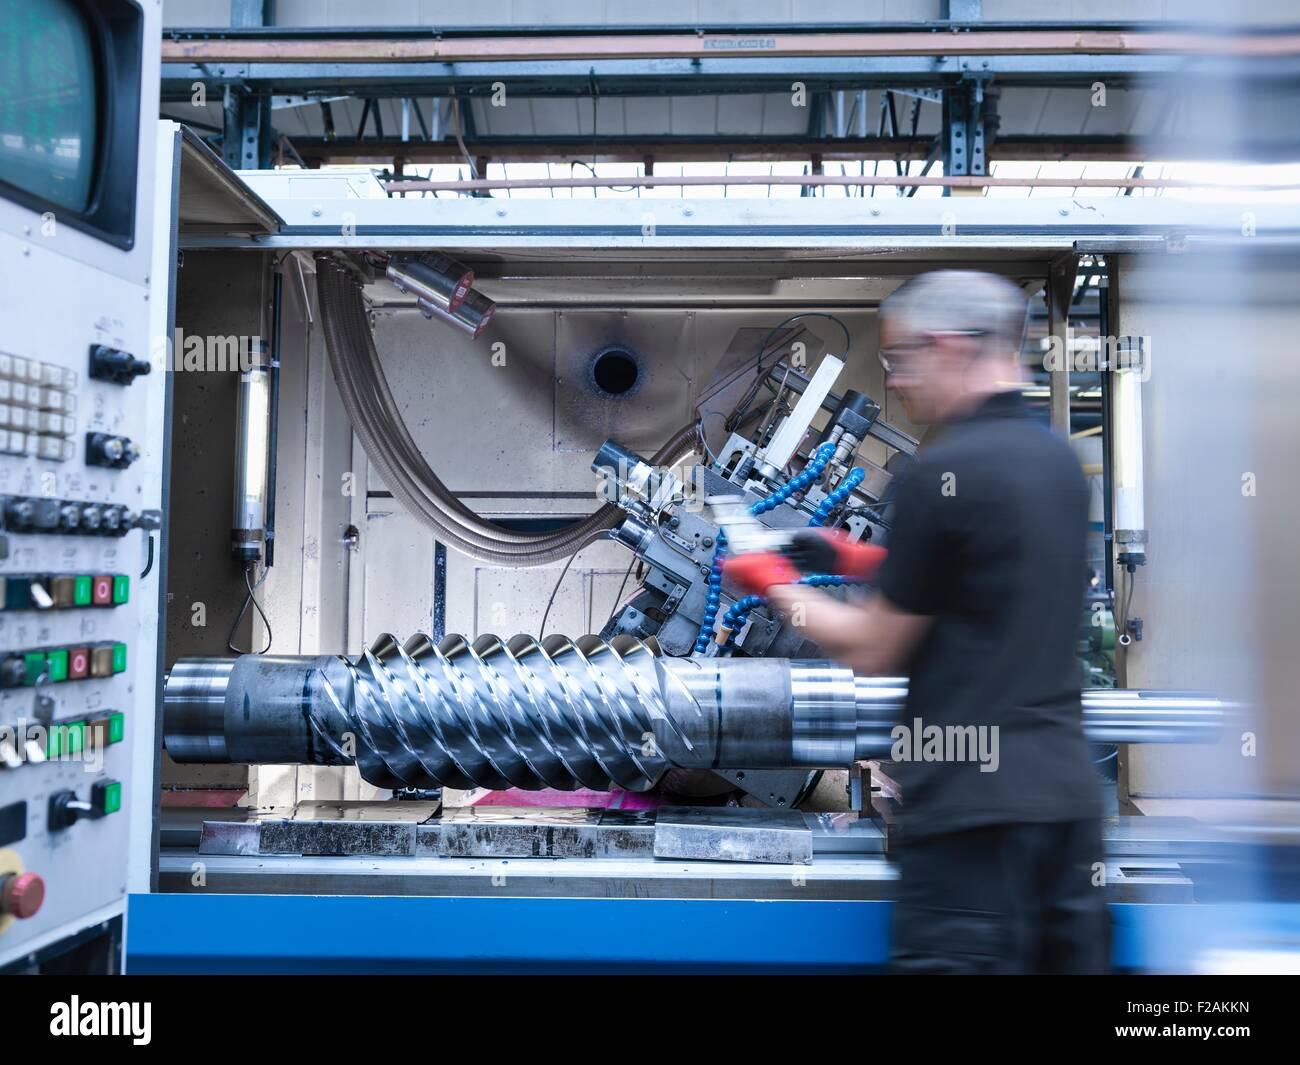 Engineer inspecting pignon d'entraînement à vis sans fin en tour dans l'usine d'ingénierie Photo Stock